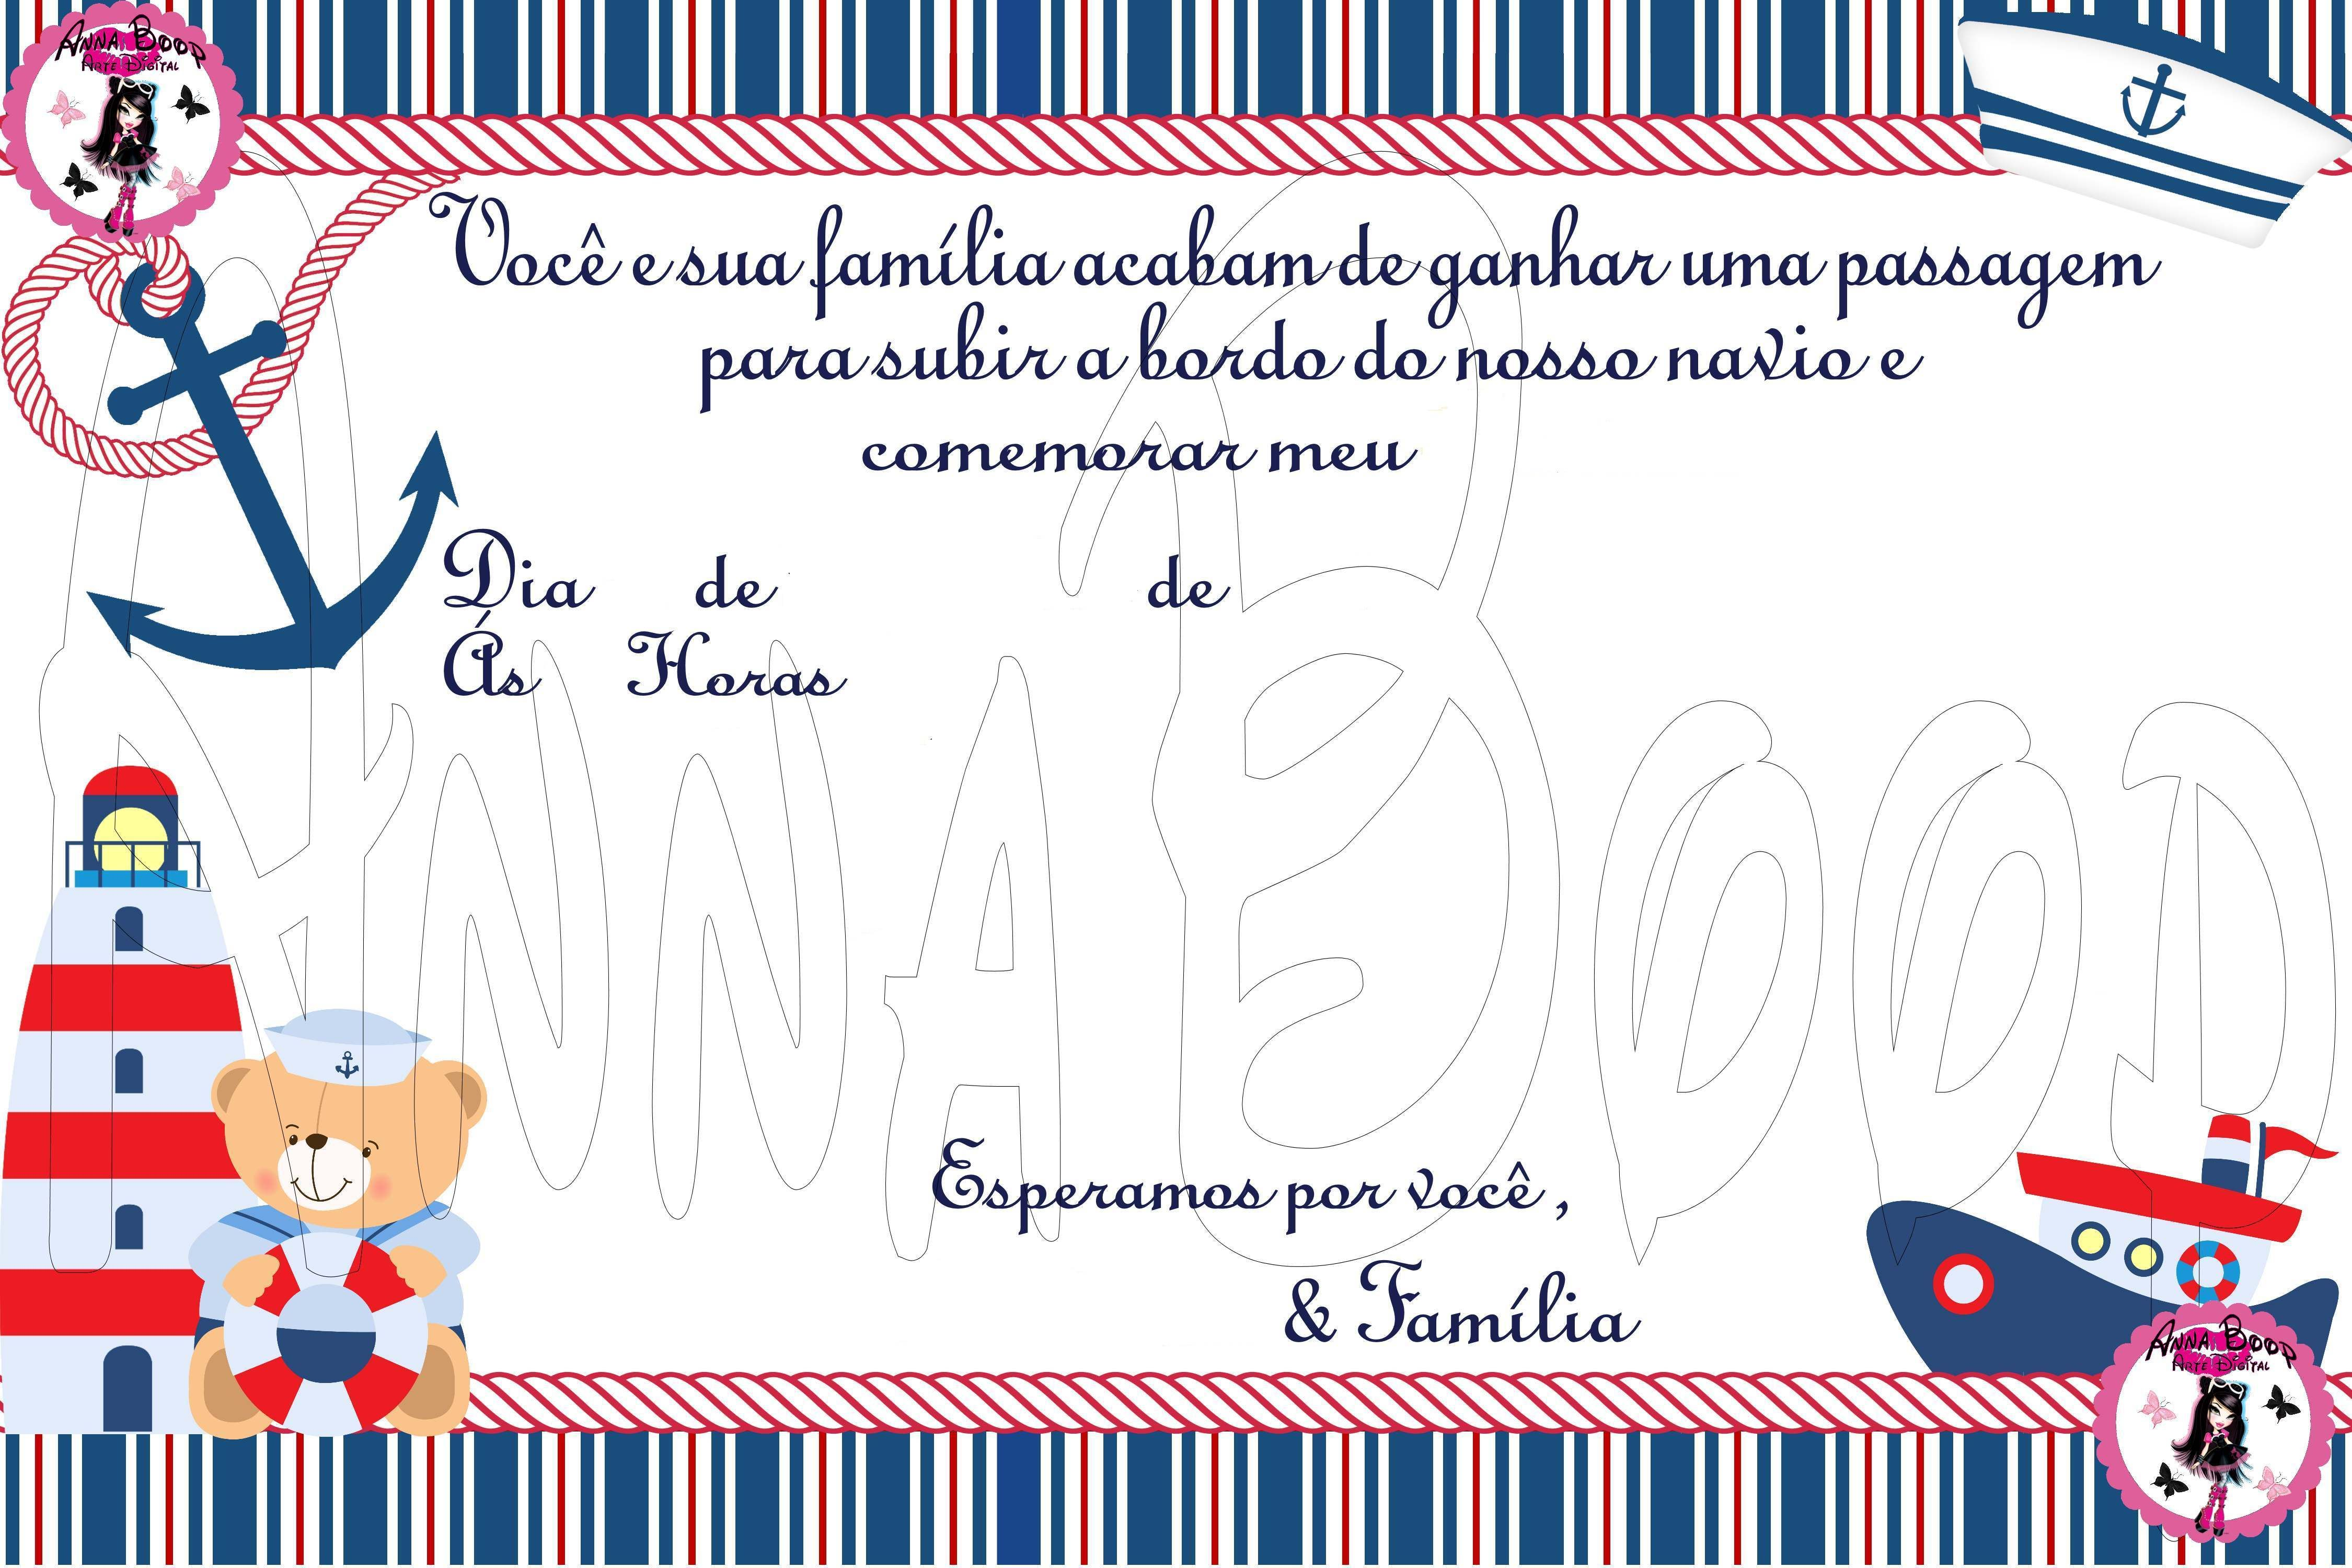 Famosos festa ursinho marinheiro convite - Pesquisa Google | Festa náutica  VN27